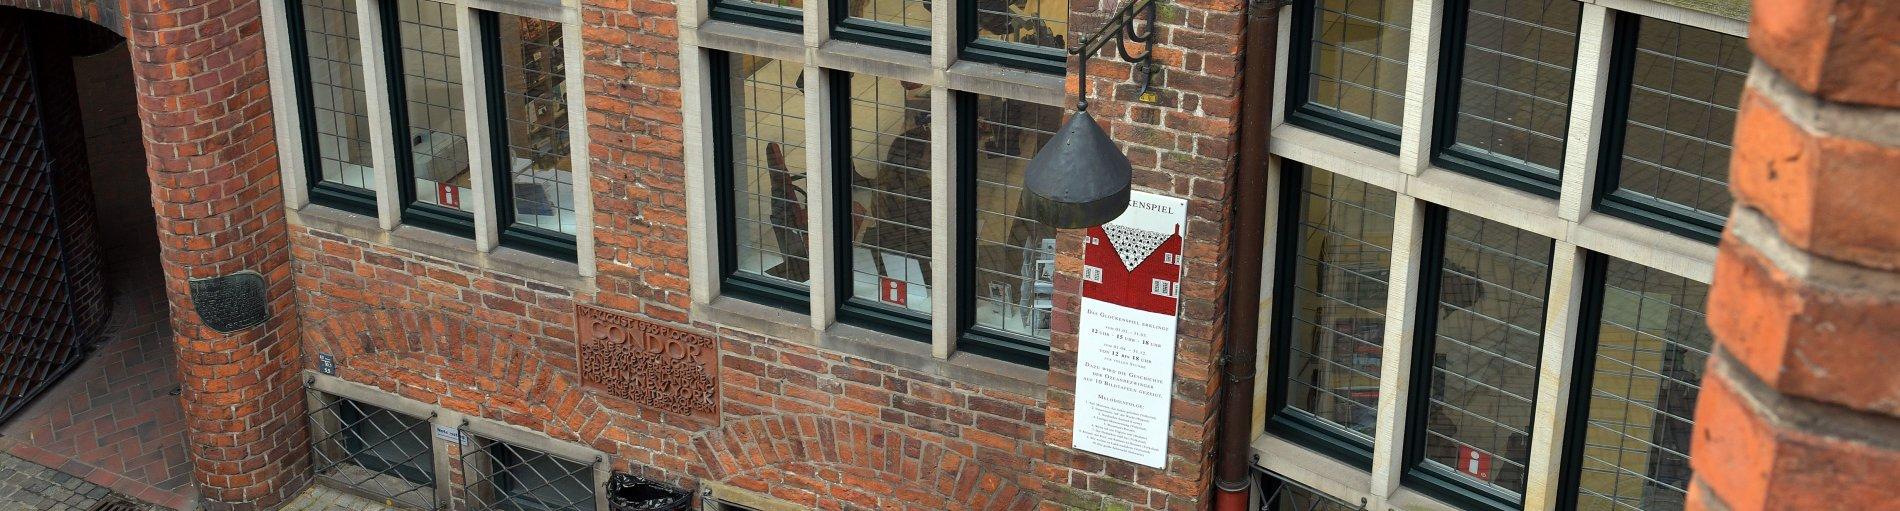 Der Blick von oben fällt auf die Wand eines Backsteingebäudes mit Fenstern. Hinter den Fenstern sind Büroräume zu erkennen. Links ist ein Durchgang in der Backsteinwand zu sehen.